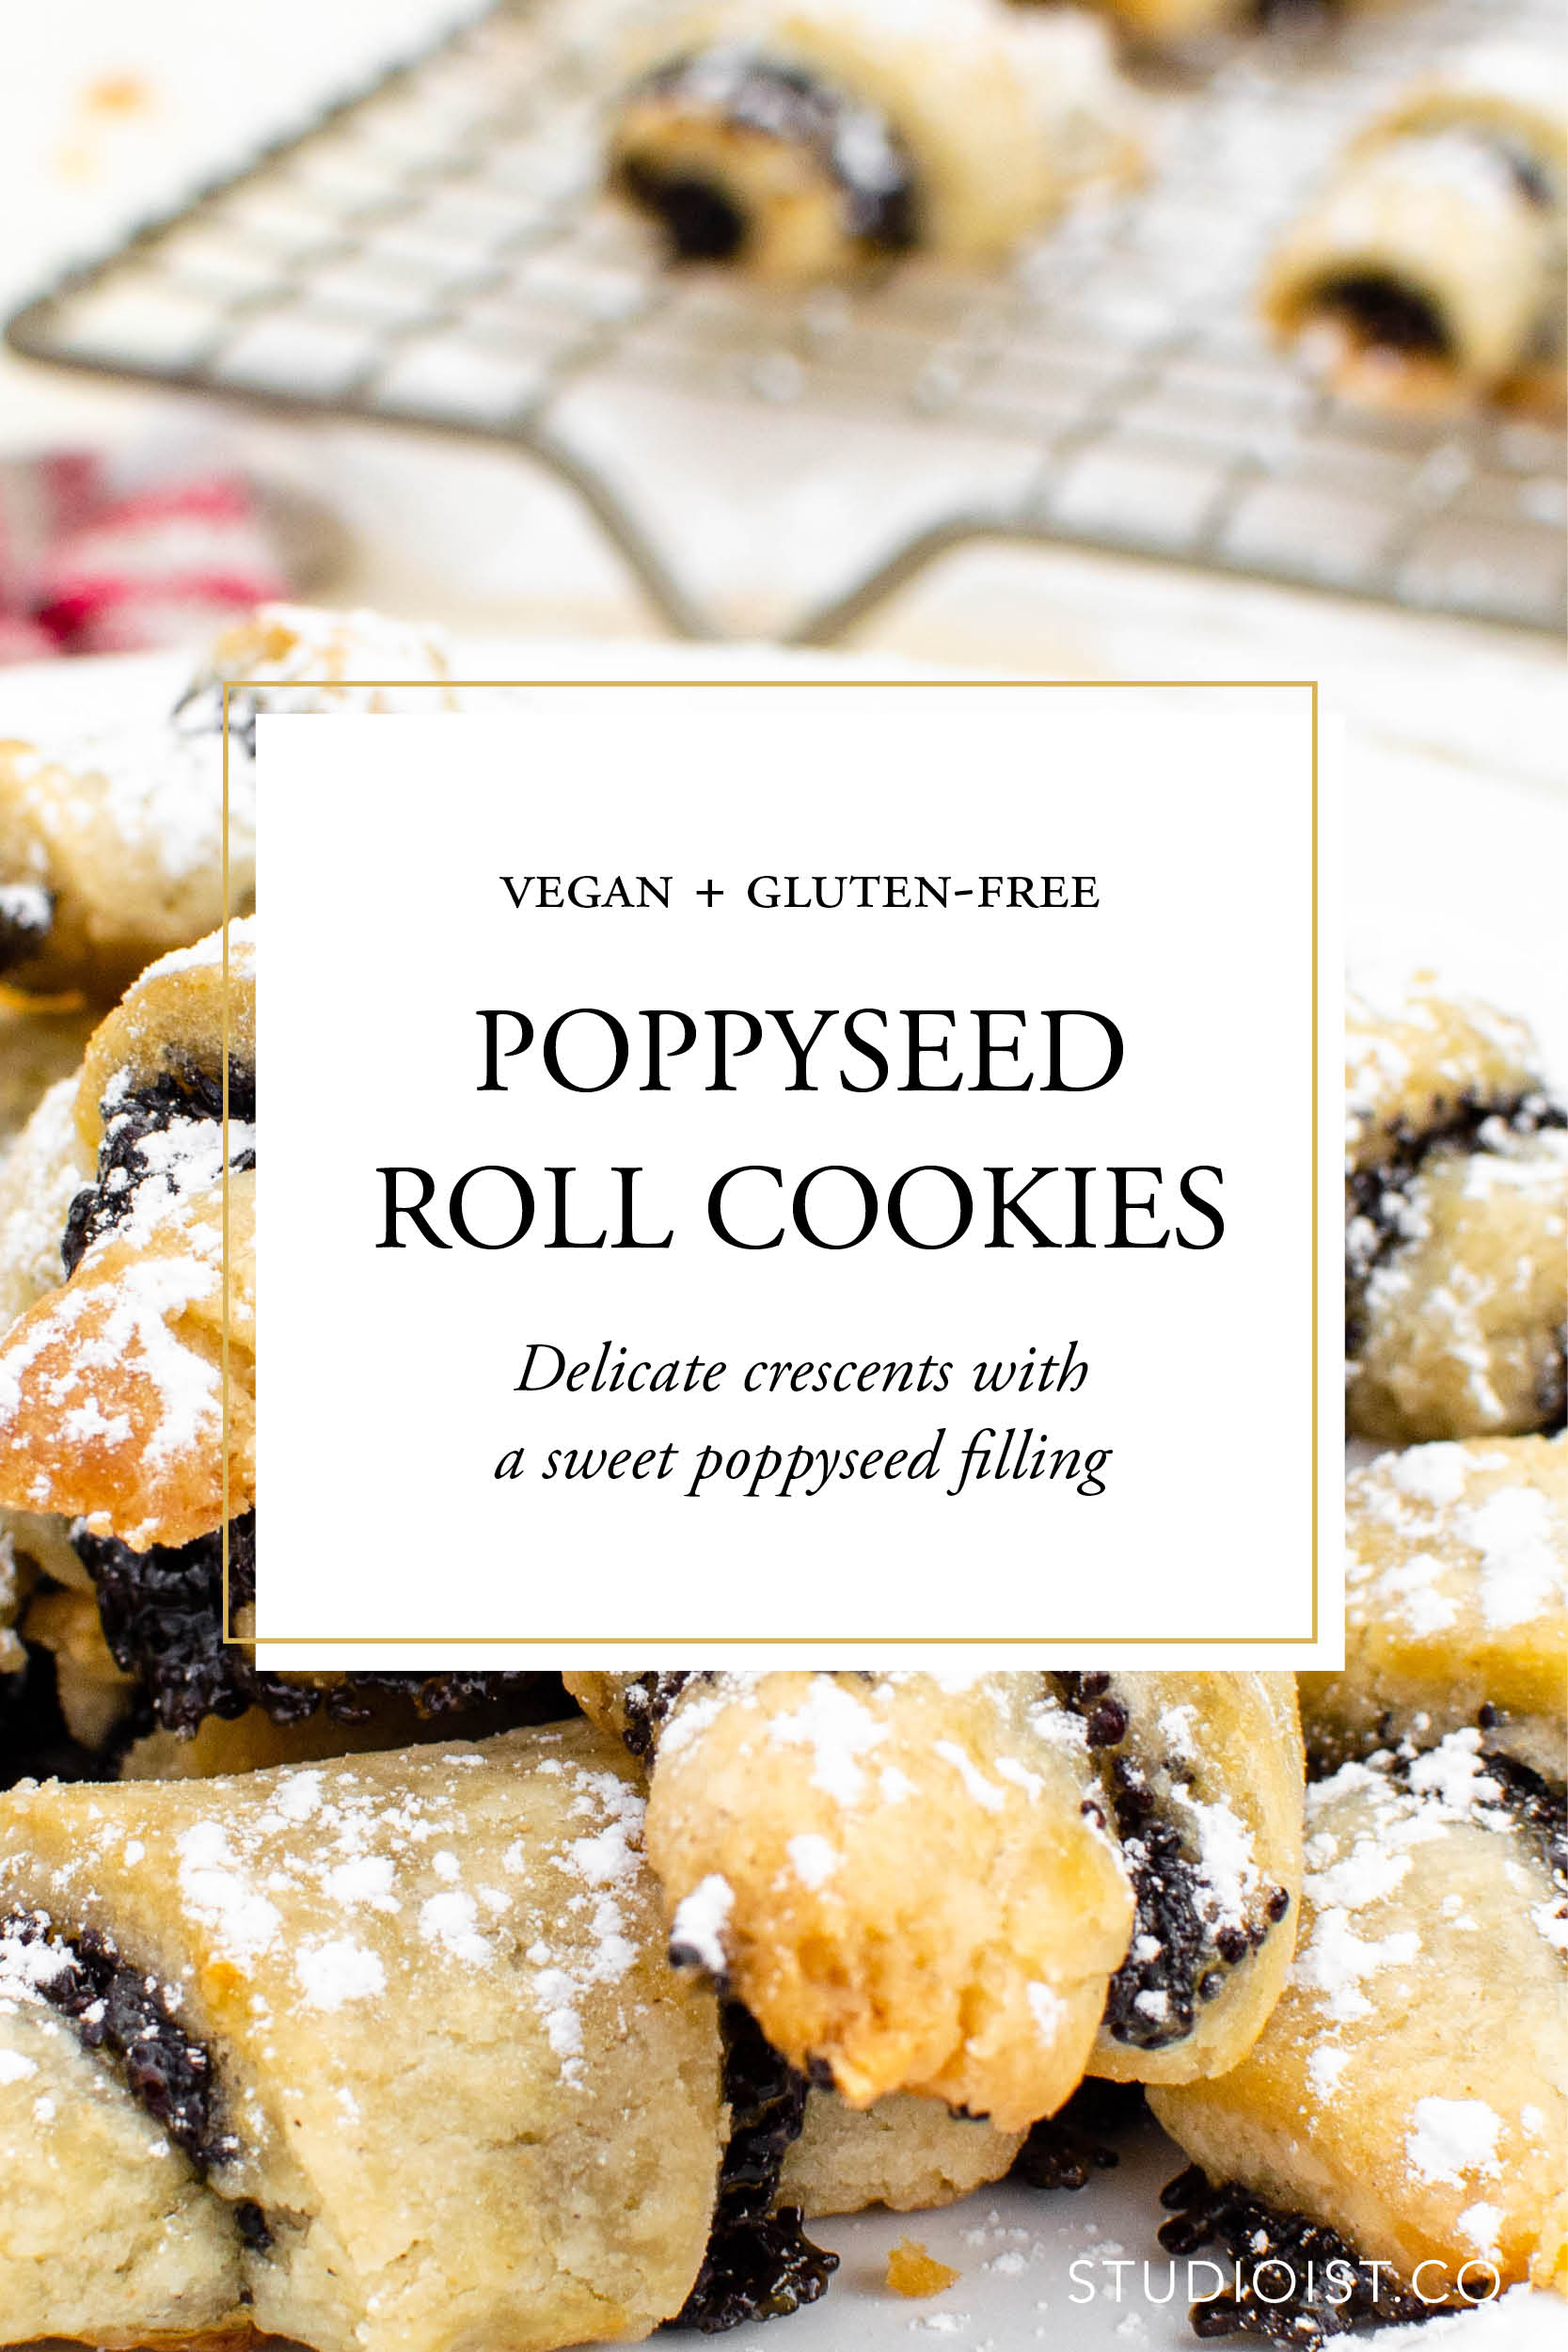 Gluten-Free Vegan Poppyseed Roll Cookies_Studioist.jpg